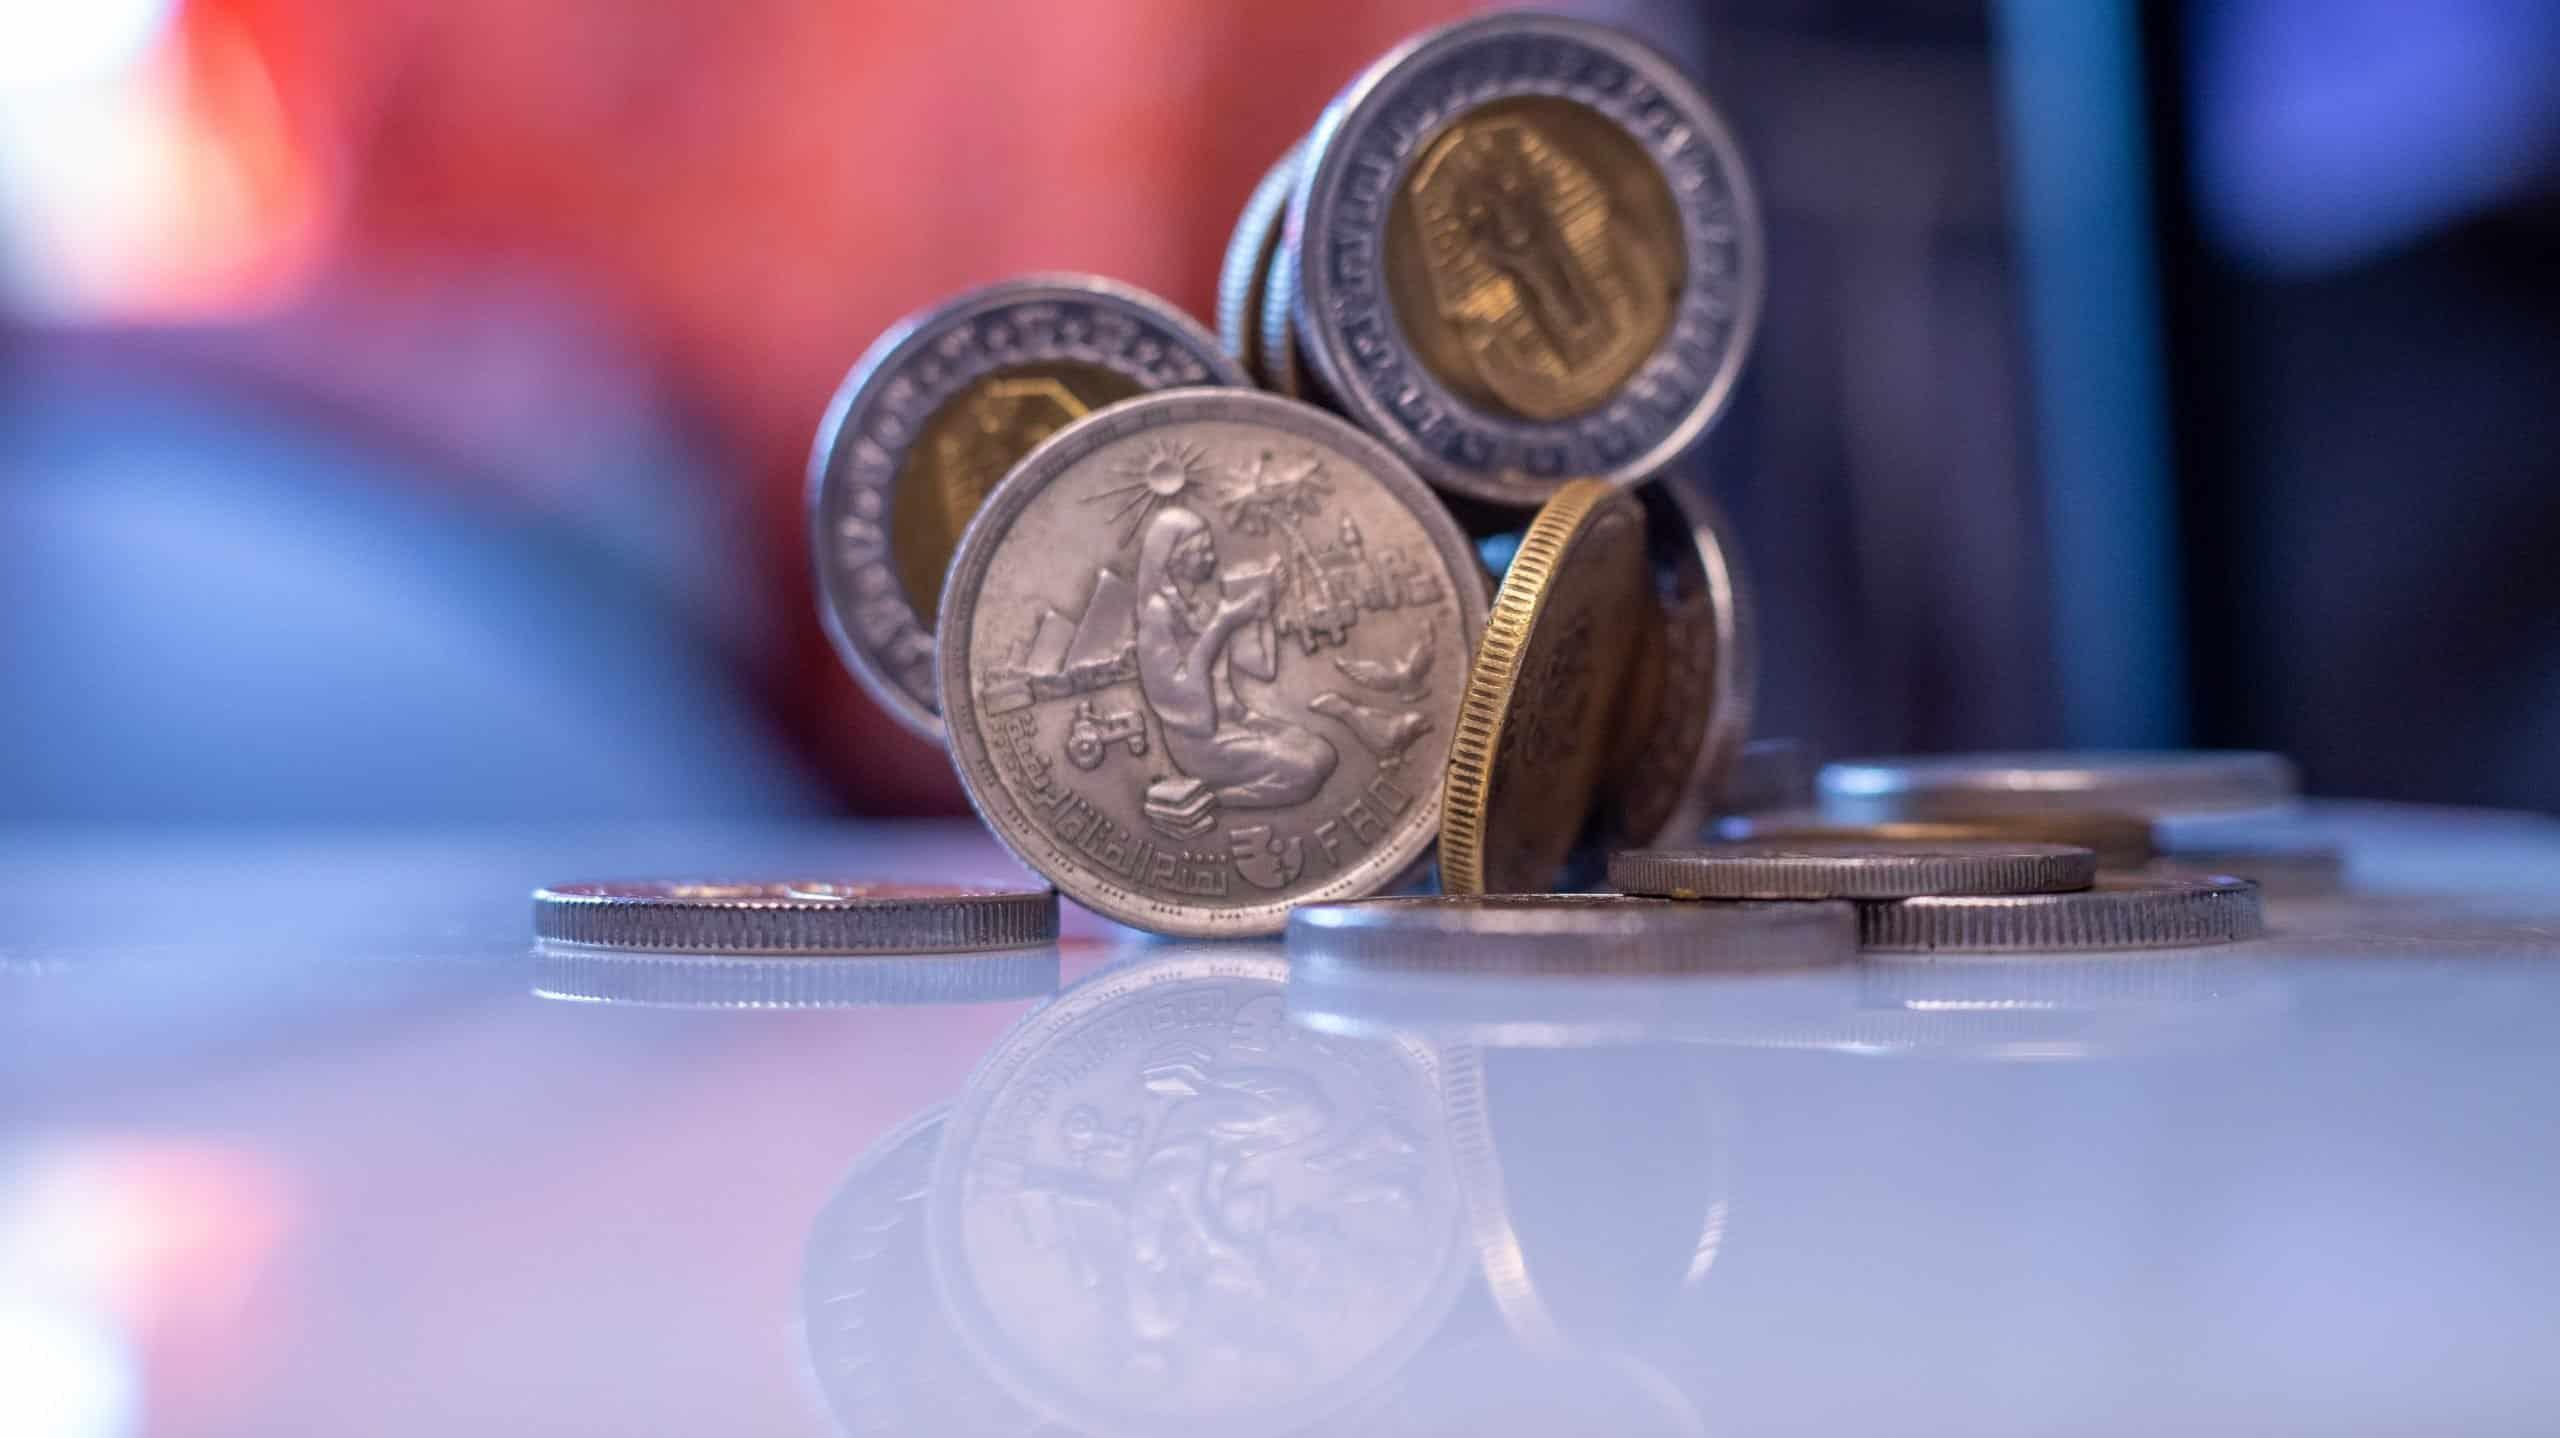 darba veidi, kā nopelnīt naudu pelnīt naudu no nulles vai nulles